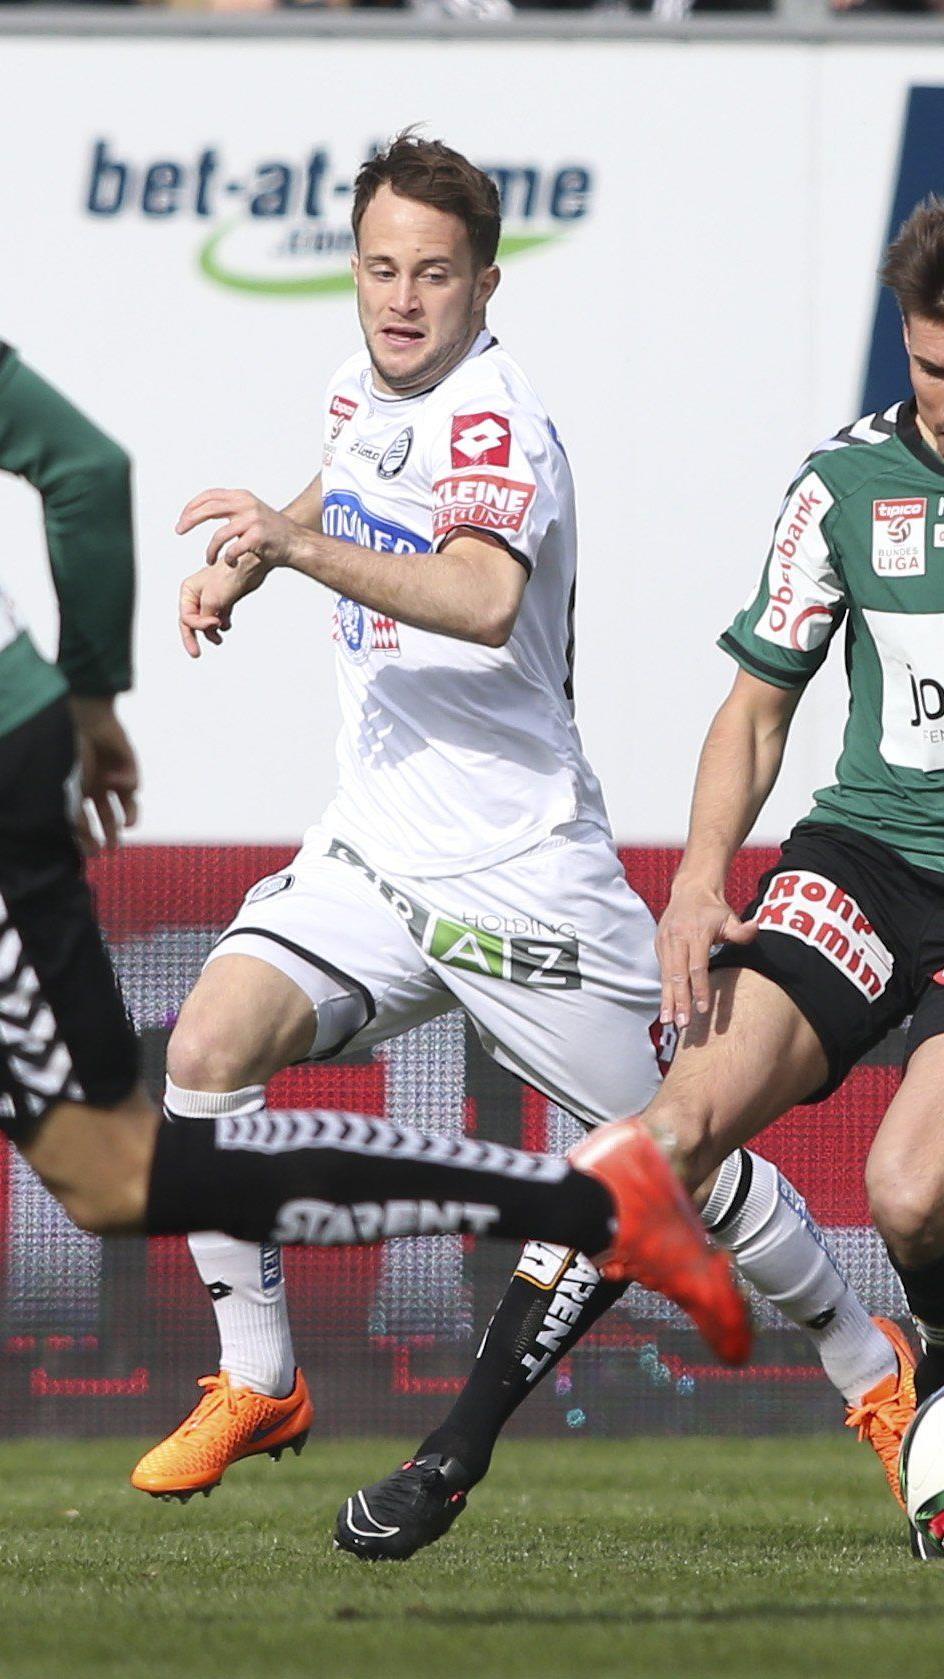 LIVE-Ticker zum Spiel SK Sturm Graz gegen SV Ried ab 16.30 Uhr.